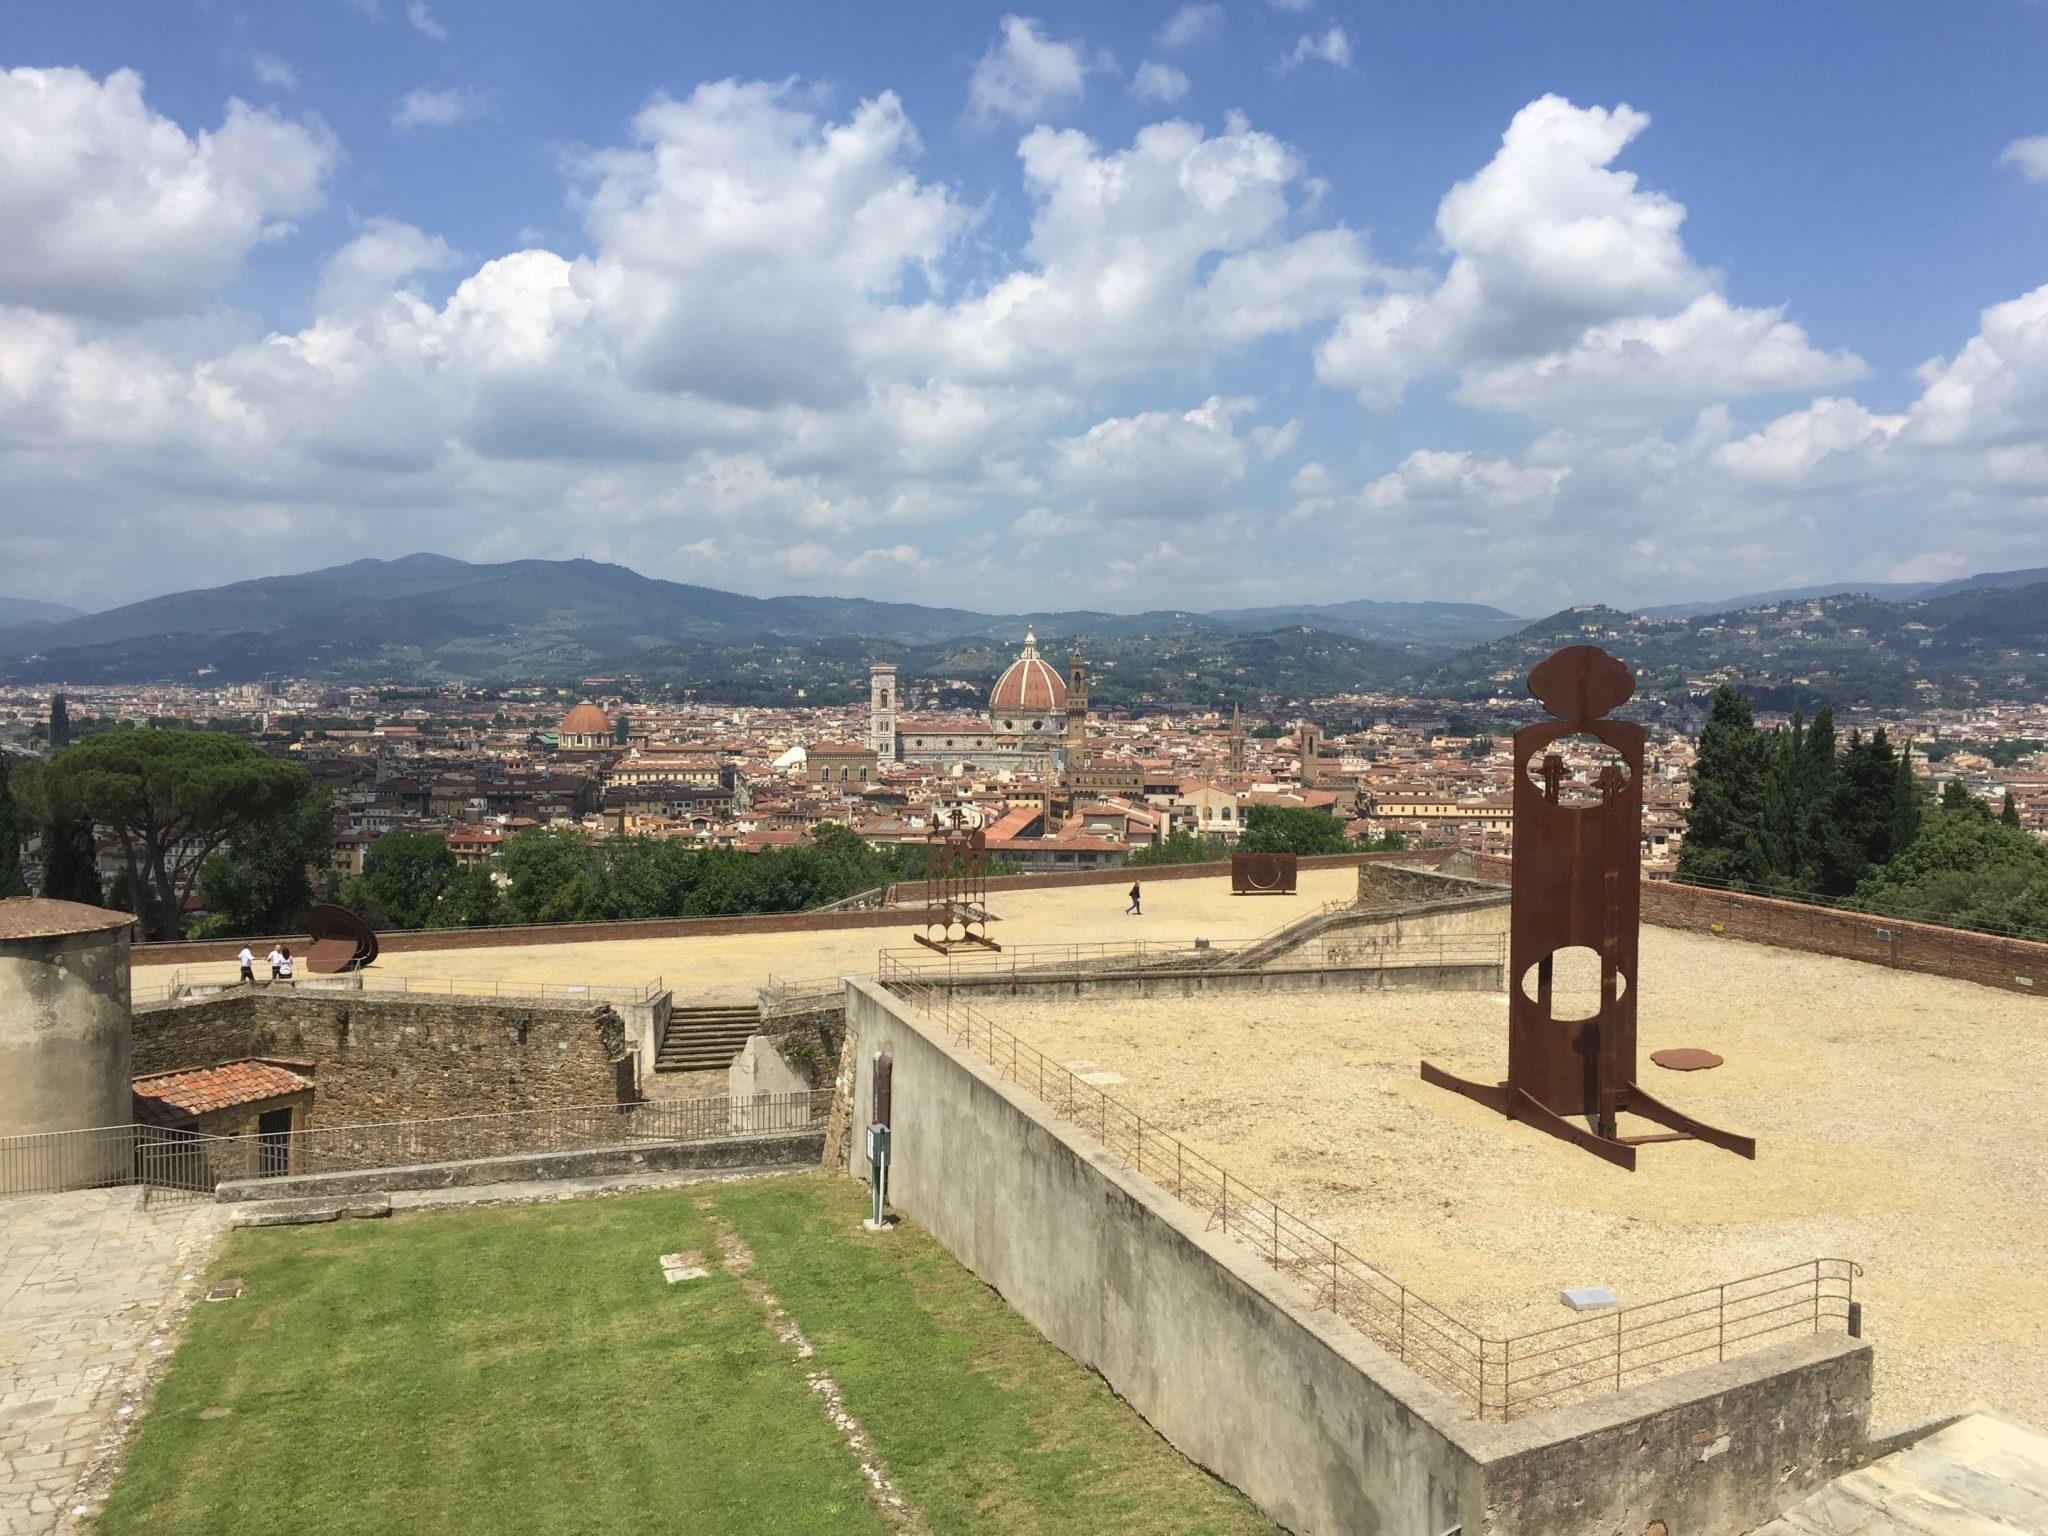 Gong: la cosmogonia di Mattiacci risuona al Forte del Belvedere di Firenze